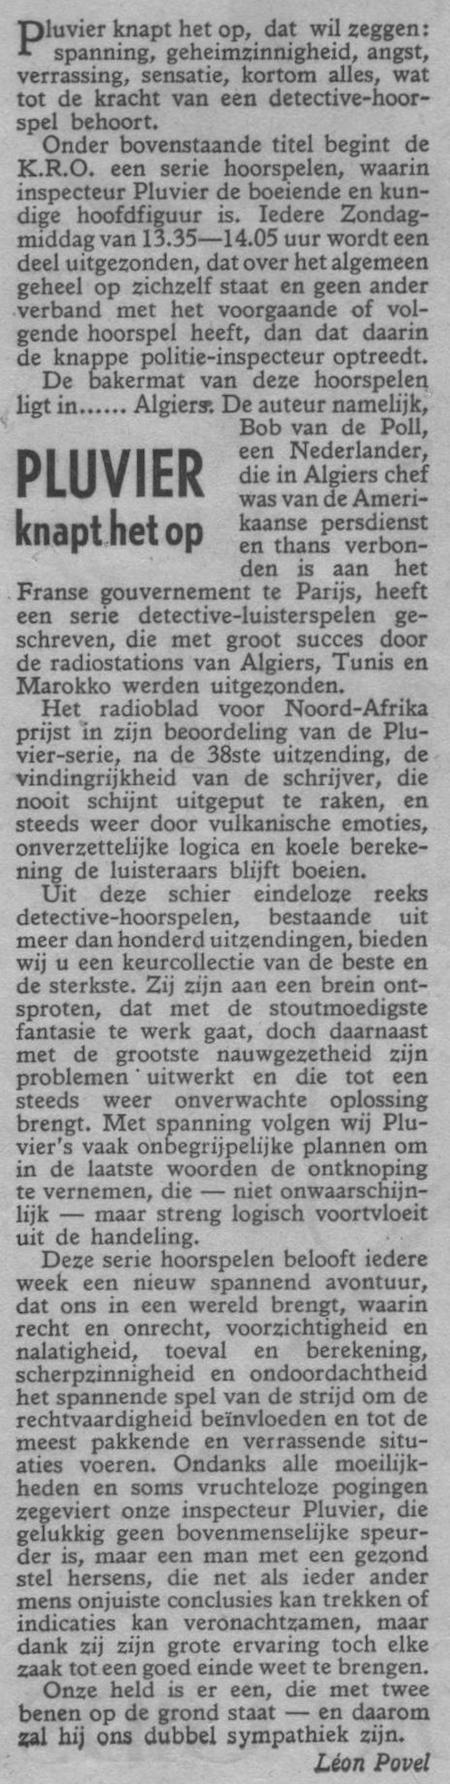 Info (1947).